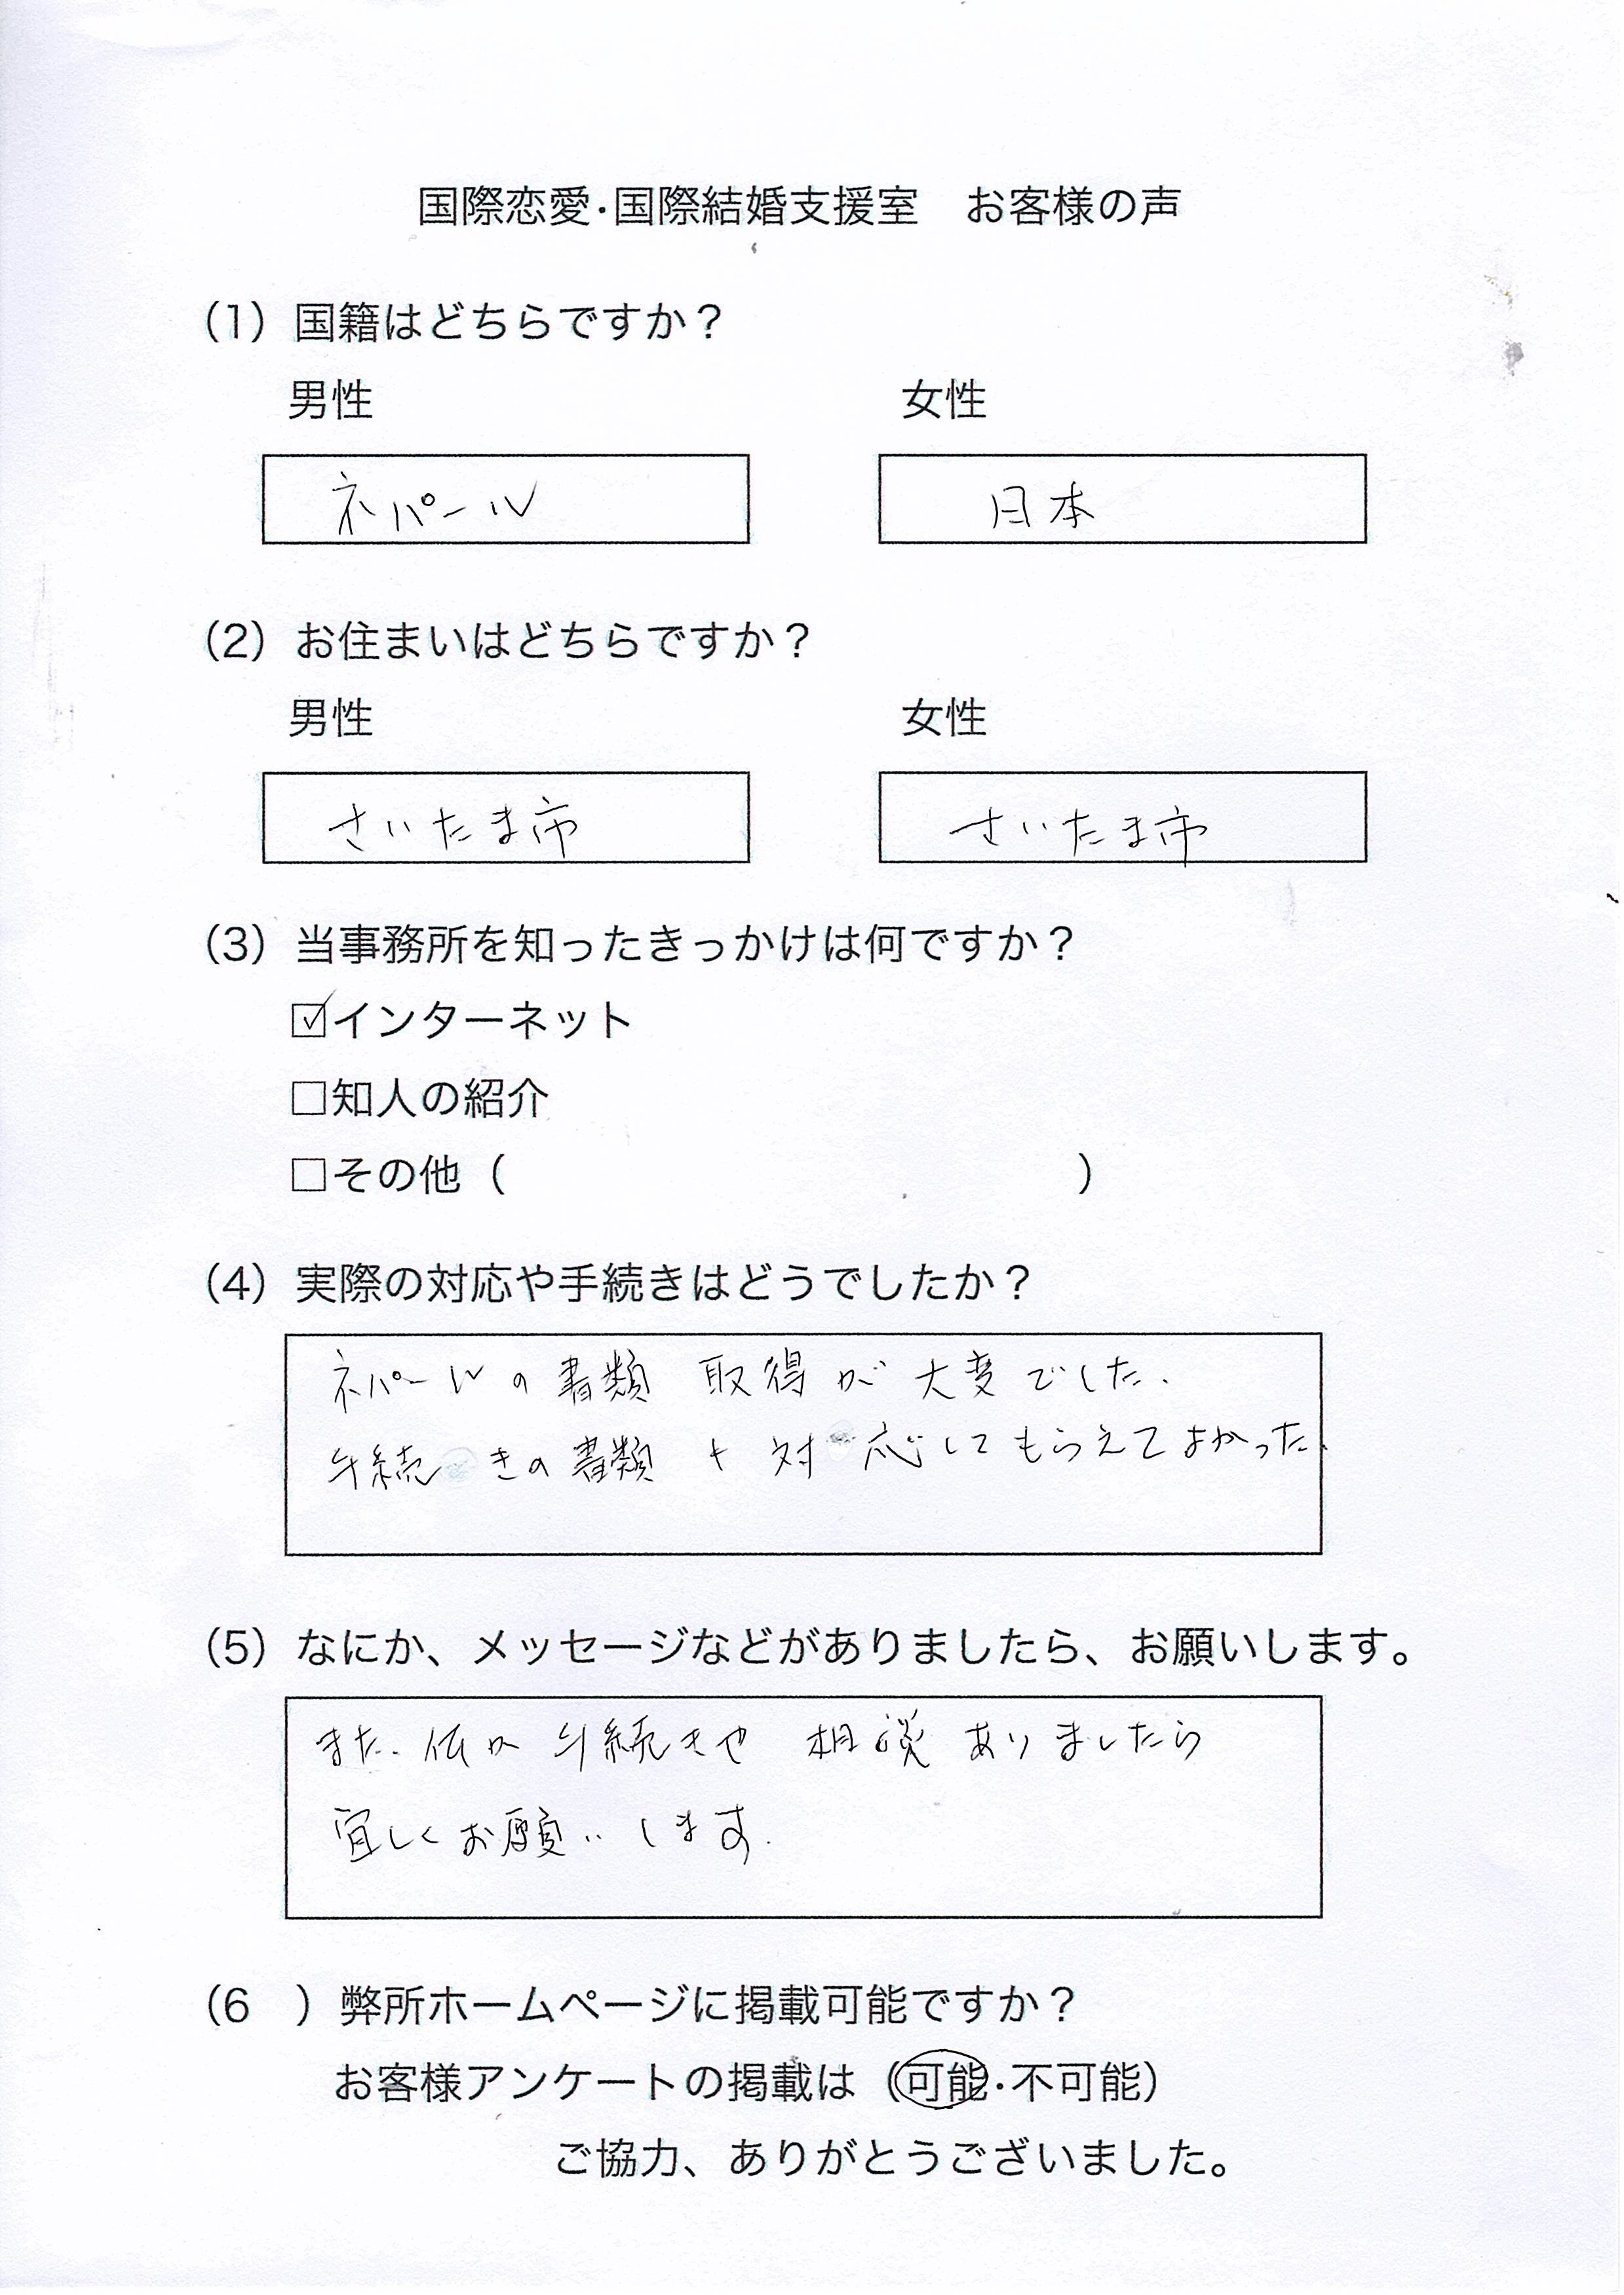 留学⇒日本人の配偶者等 在留資格変更許可申請